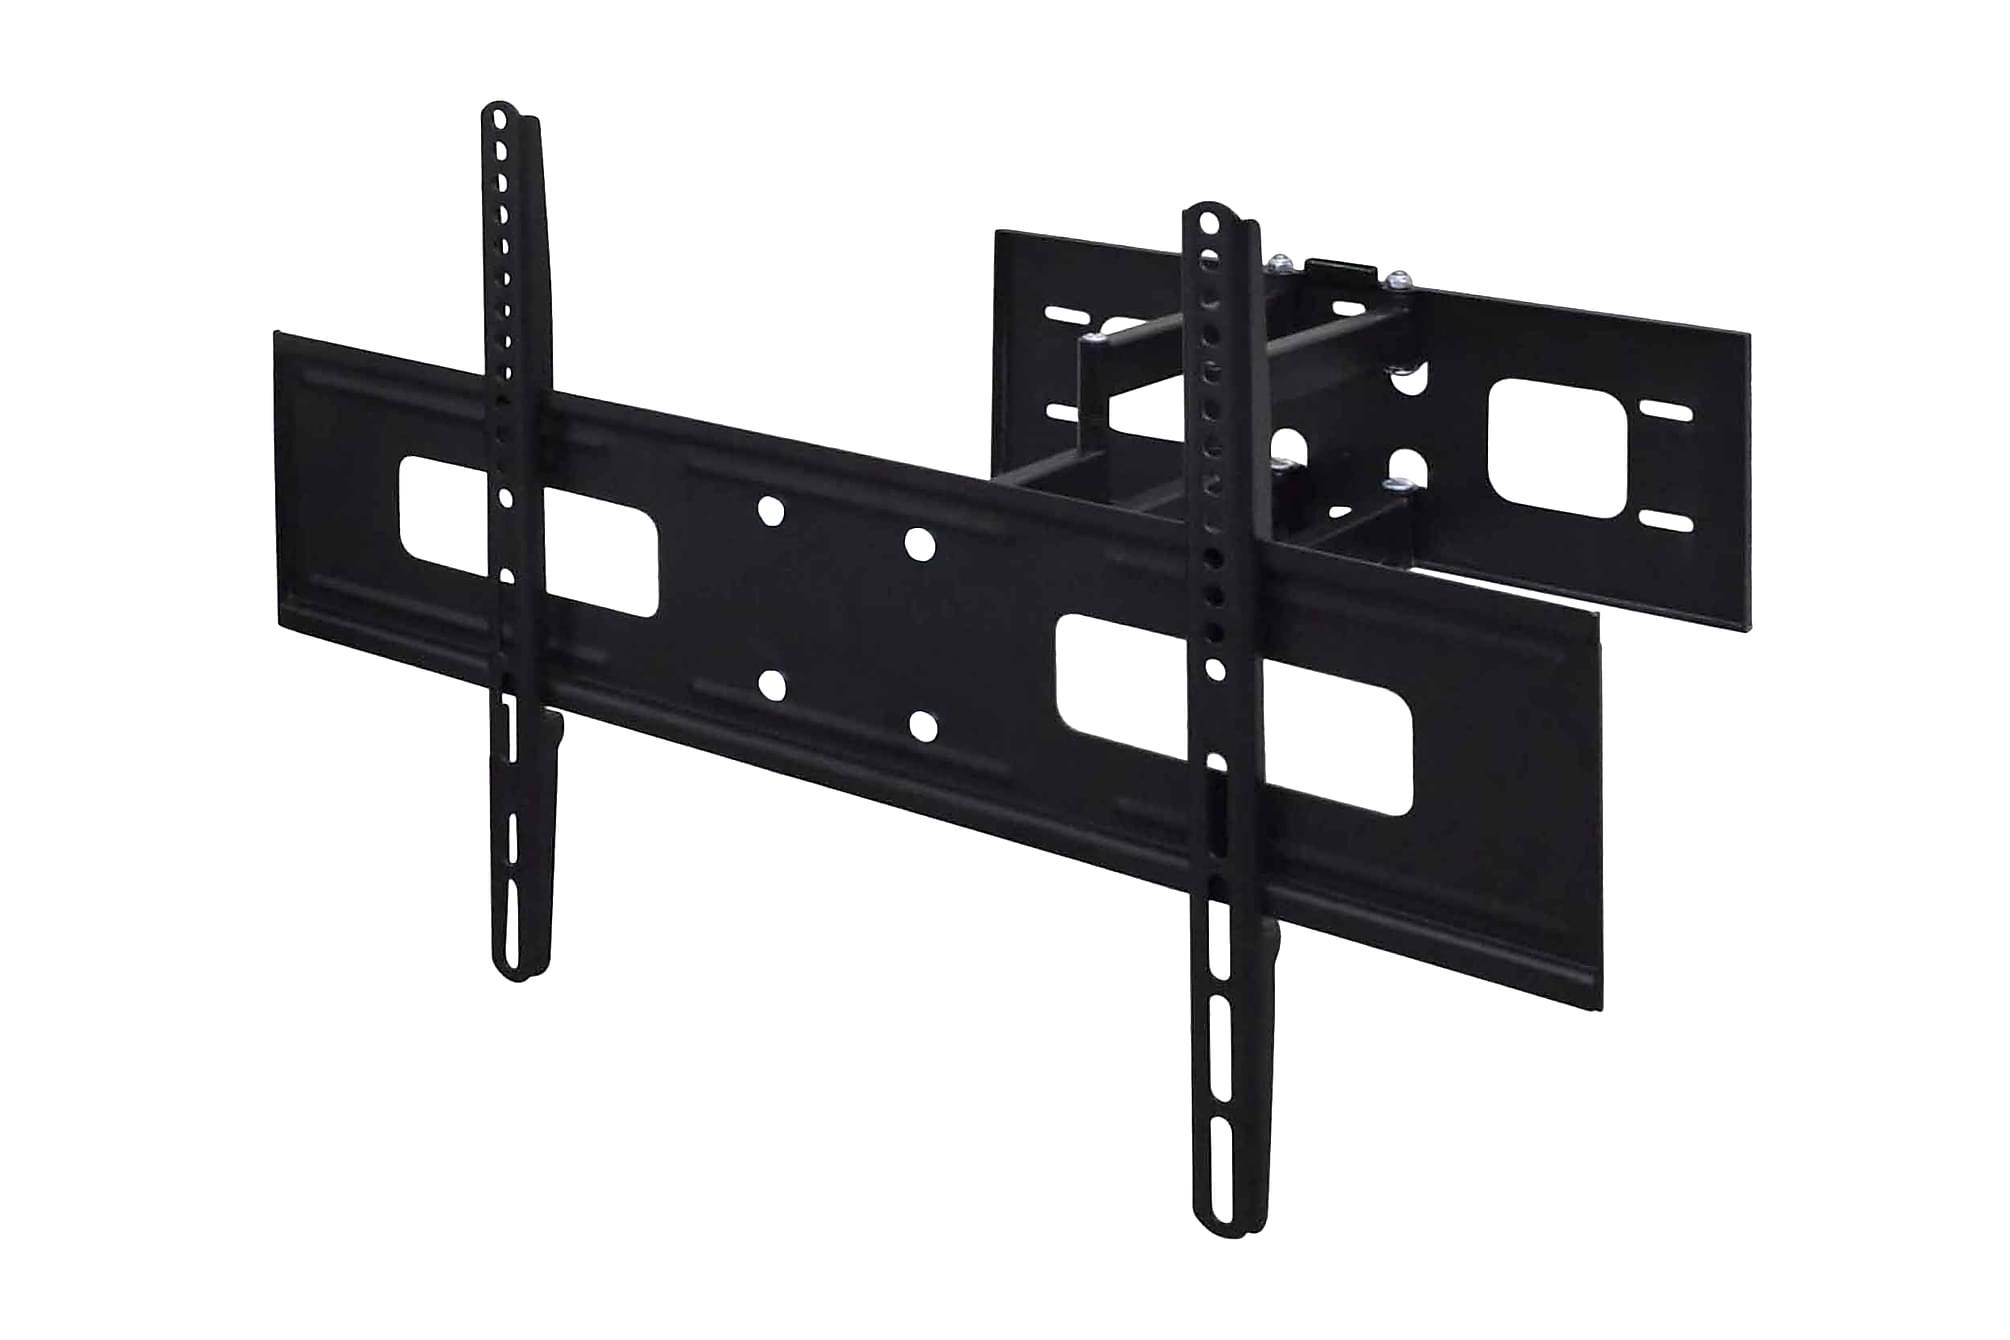 Dubbelarmat vrid/lutbart TV-väggfäste 3D 600x400mm 37 - 70, Tv-väggfästen